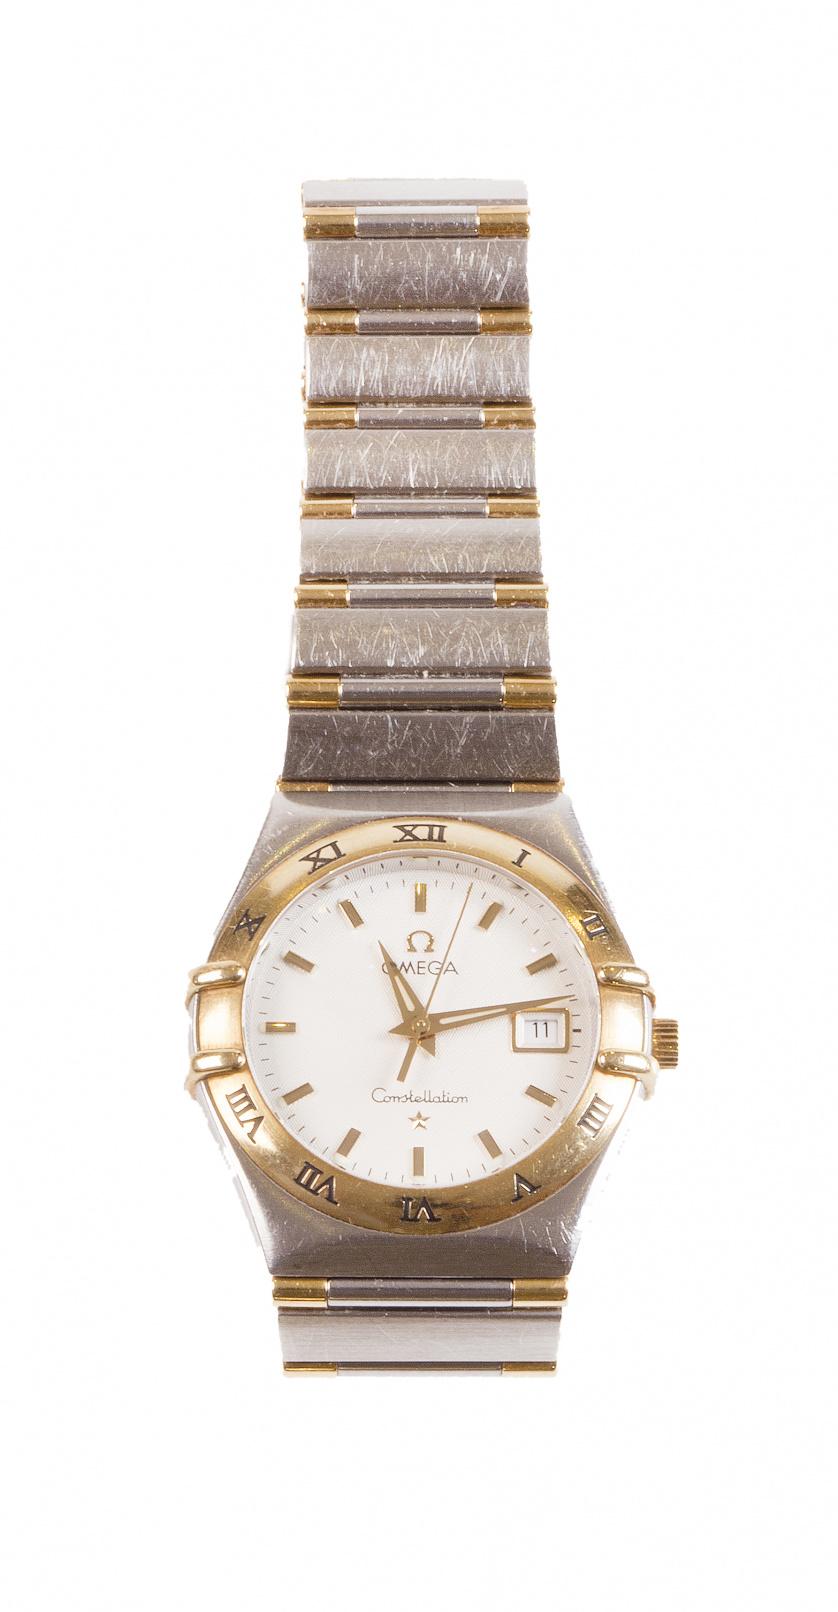 Reloj de pulsera de señora OMEGA CONSTELLATION en oro y ace